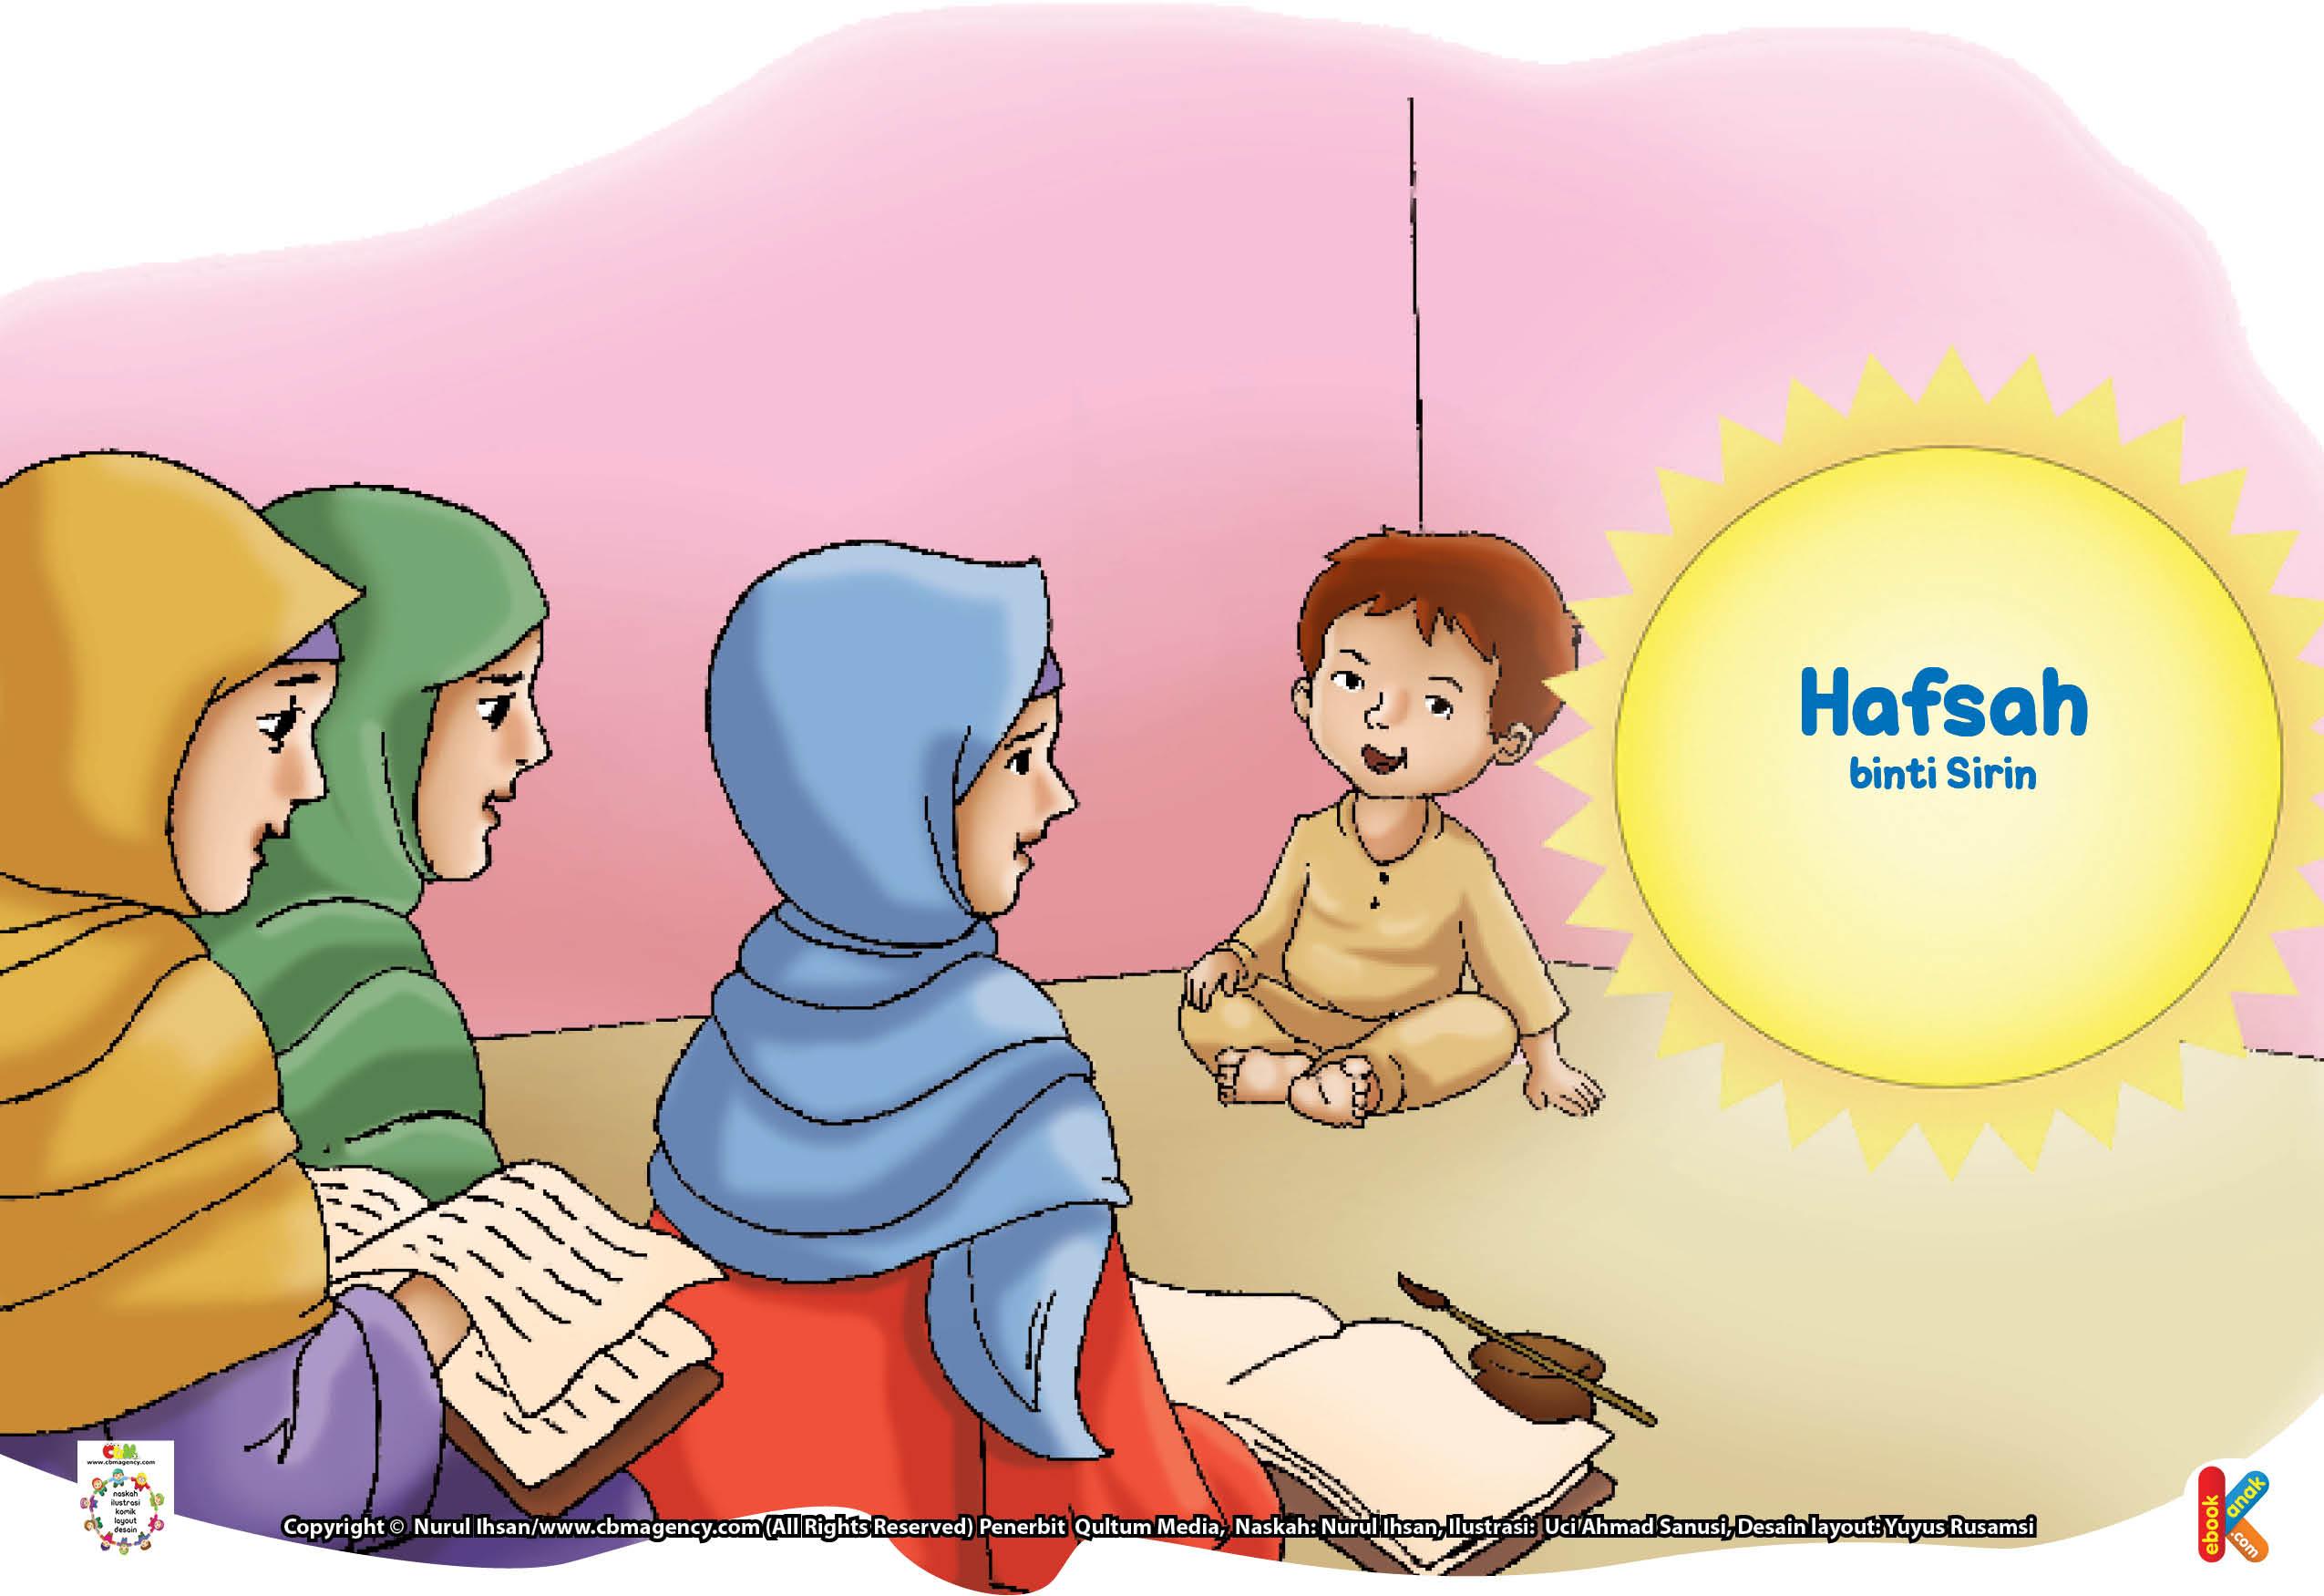 Selama hidupnya, Hafshah binti Sirin senantiasa dipenuhi dengan ibadah, kehormatan, kemuliaan, dan kebaikan.